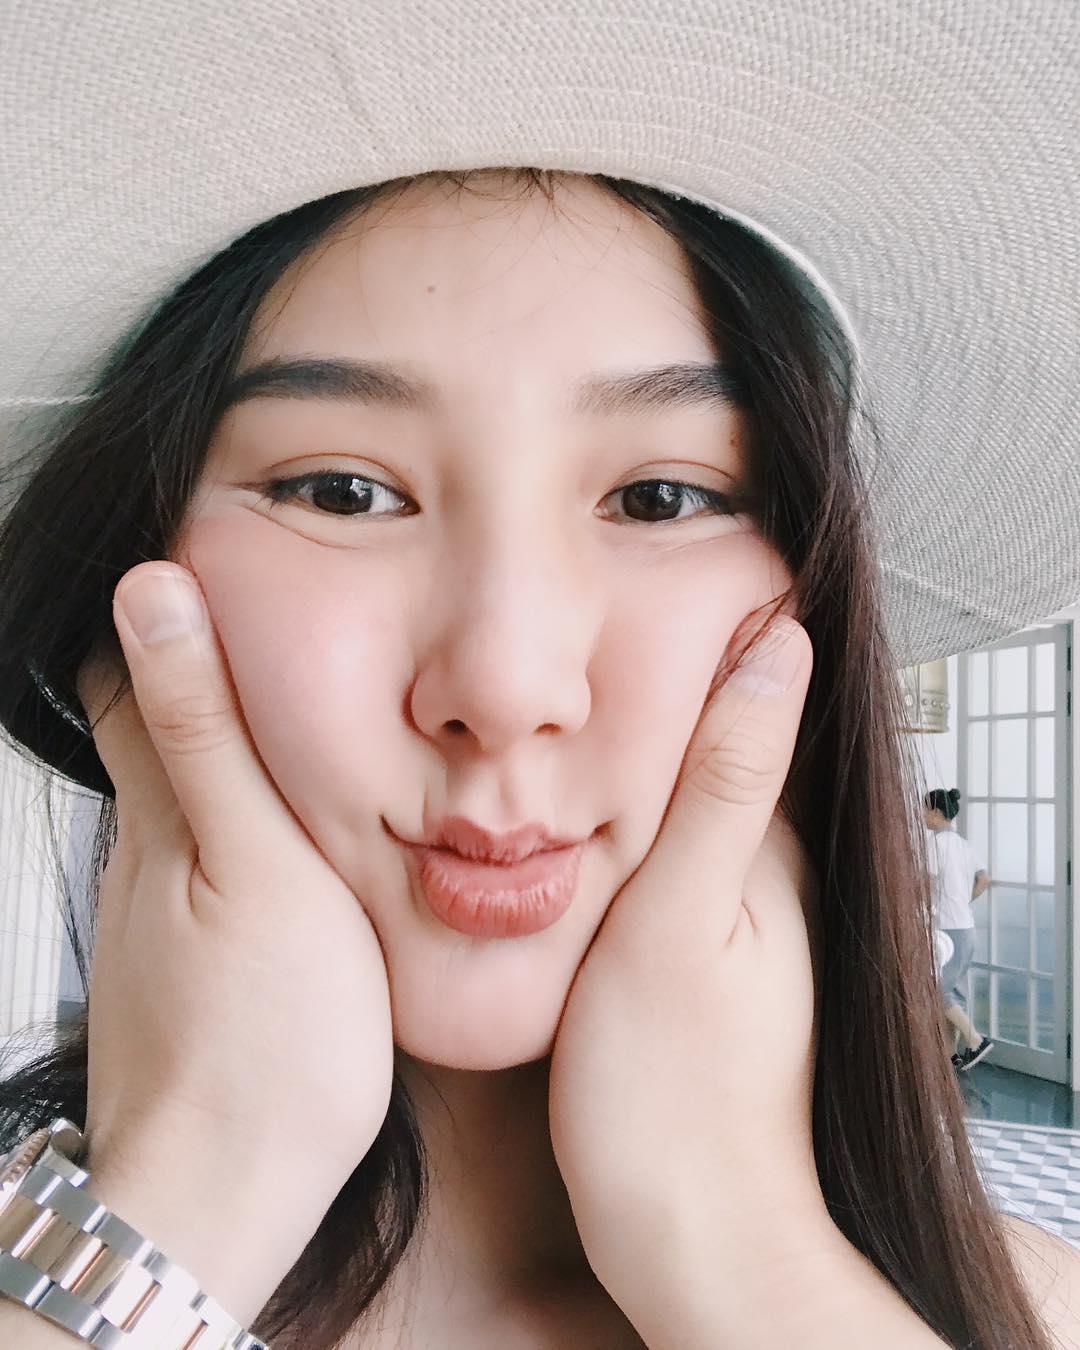 Tin sao Việt 6/10: Diễm My 9X đang tận hưởng kỳ nghỉ bên bạn trai mới?-1